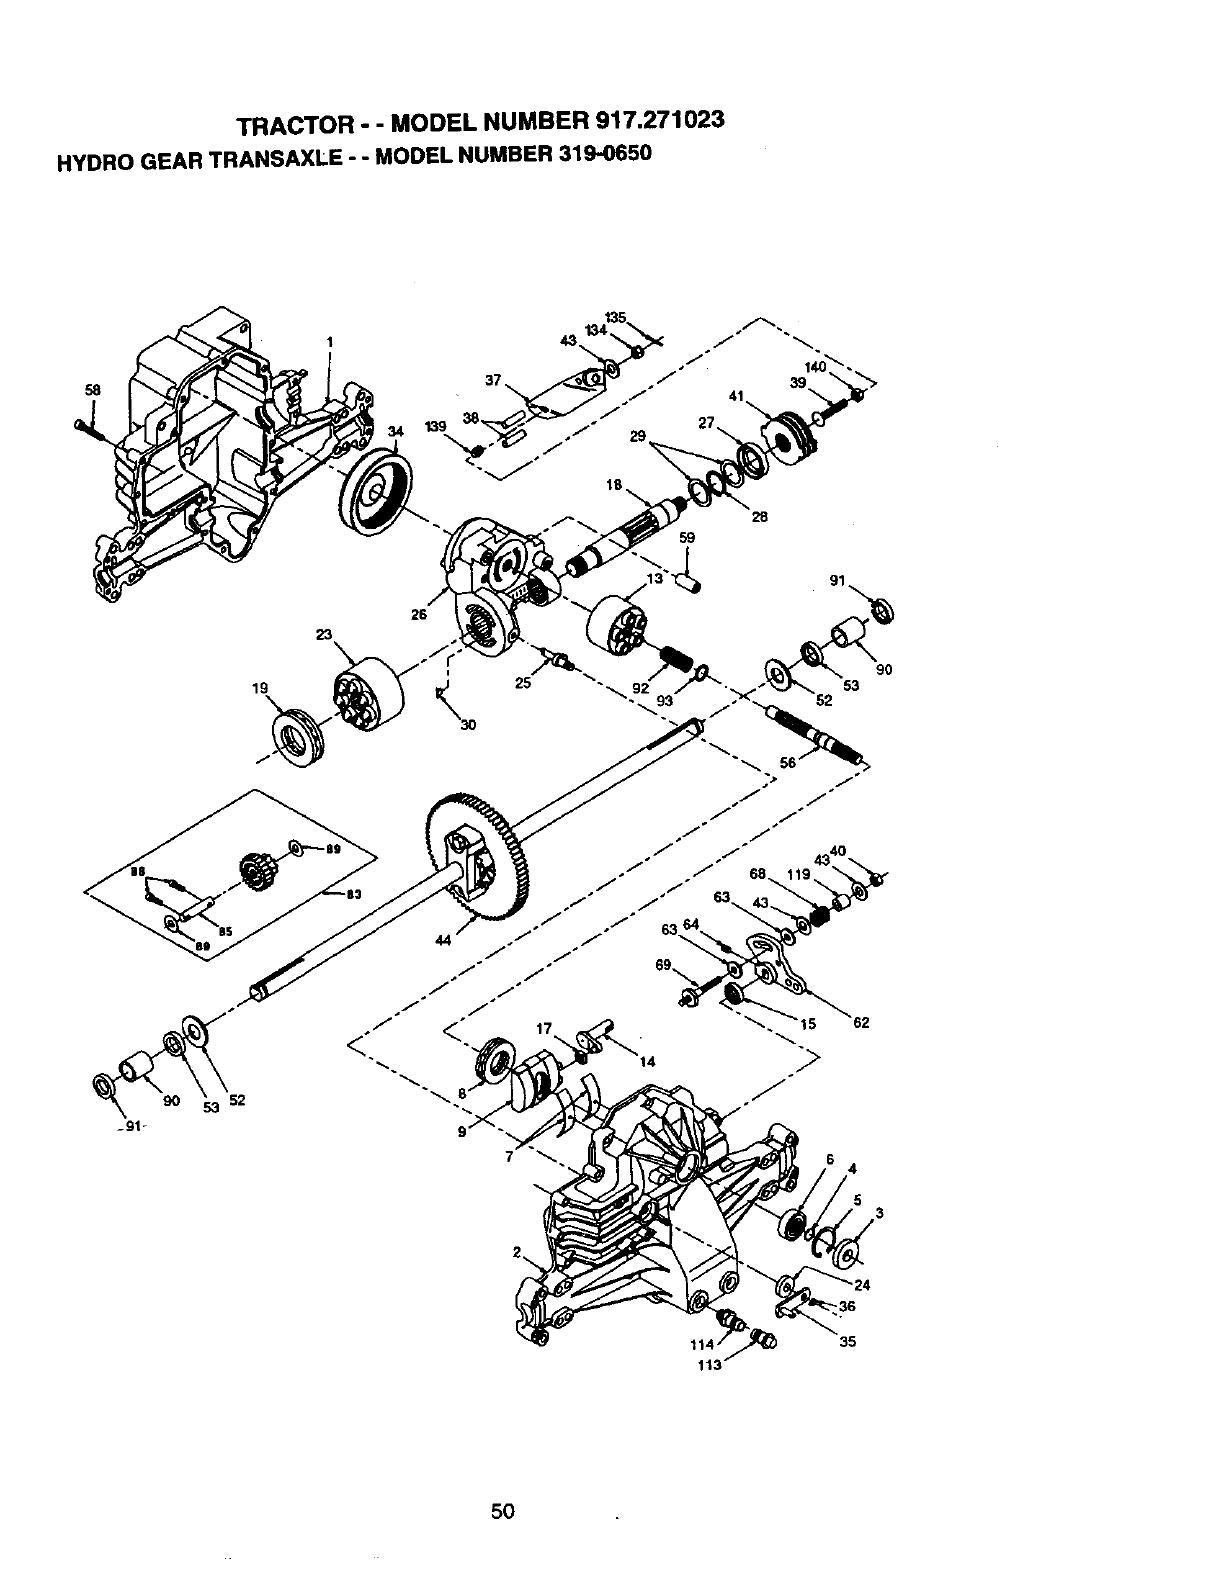 craftsman mower model 917 manual